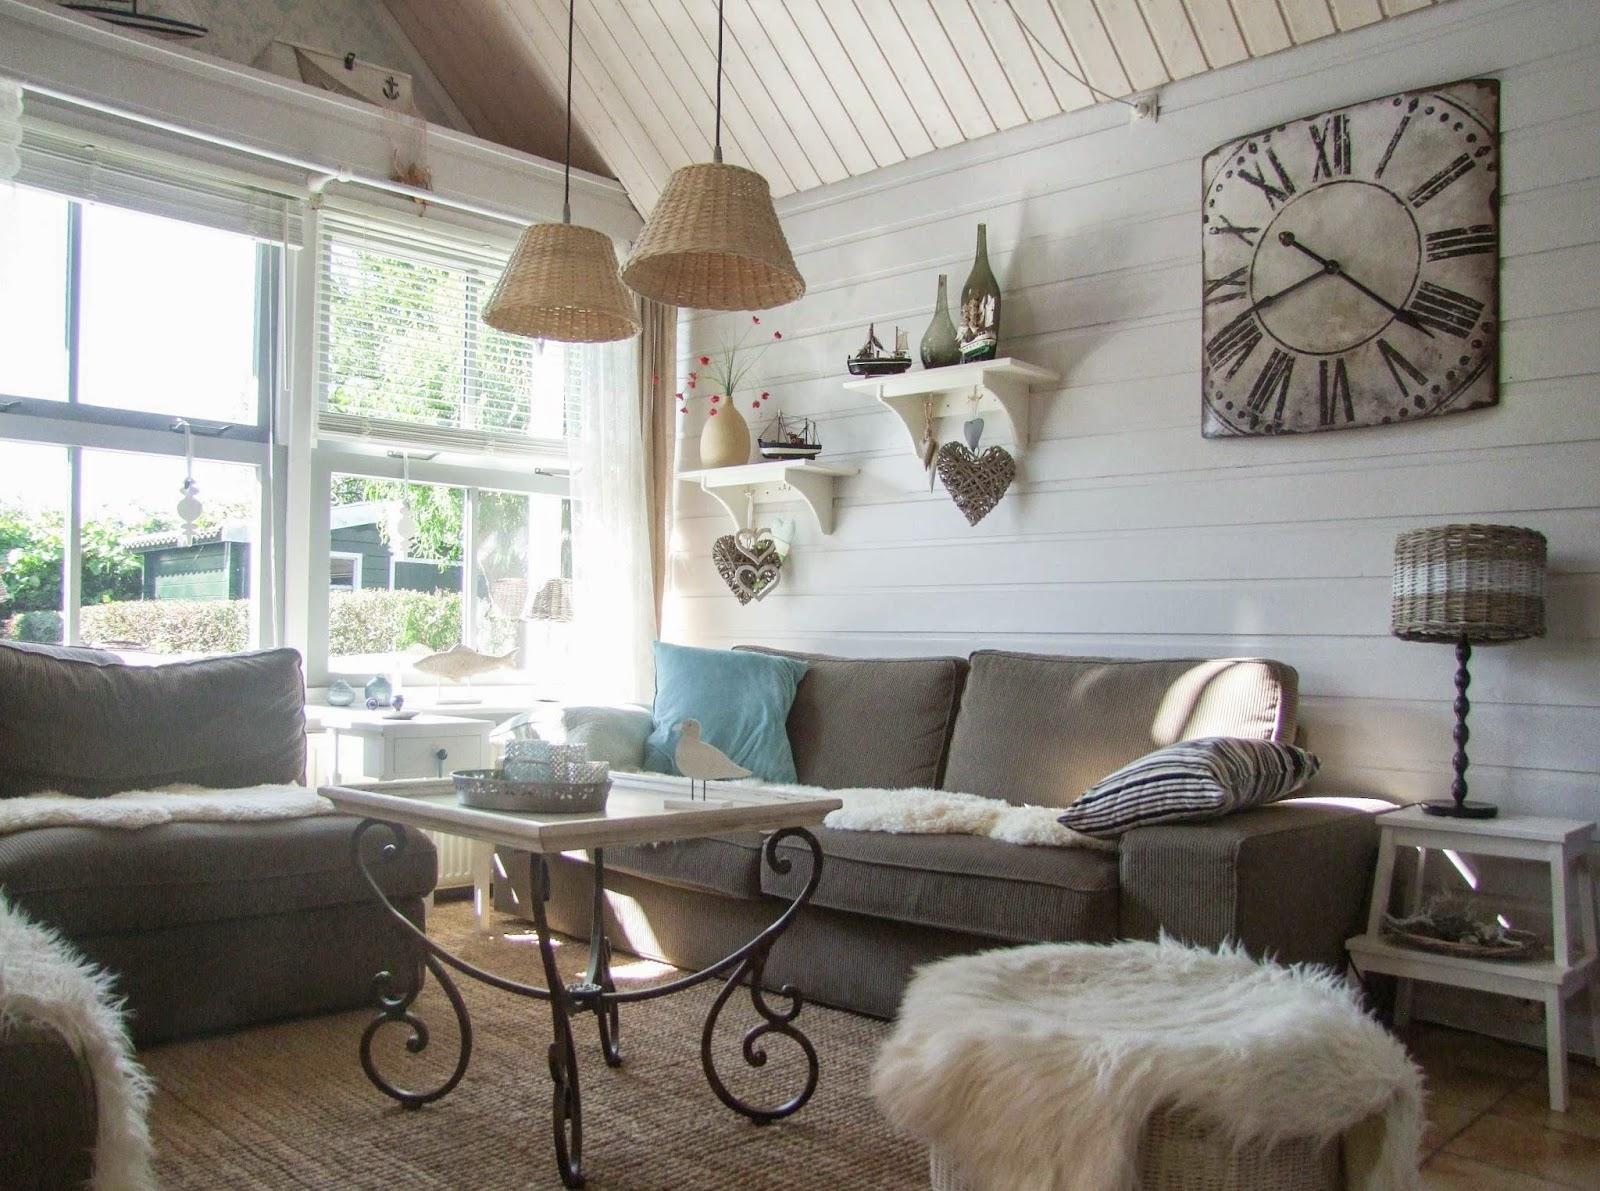 treibholztag ferien in liebevoll eingerichtetem haus in nordholland. Black Bedroom Furniture Sets. Home Design Ideas